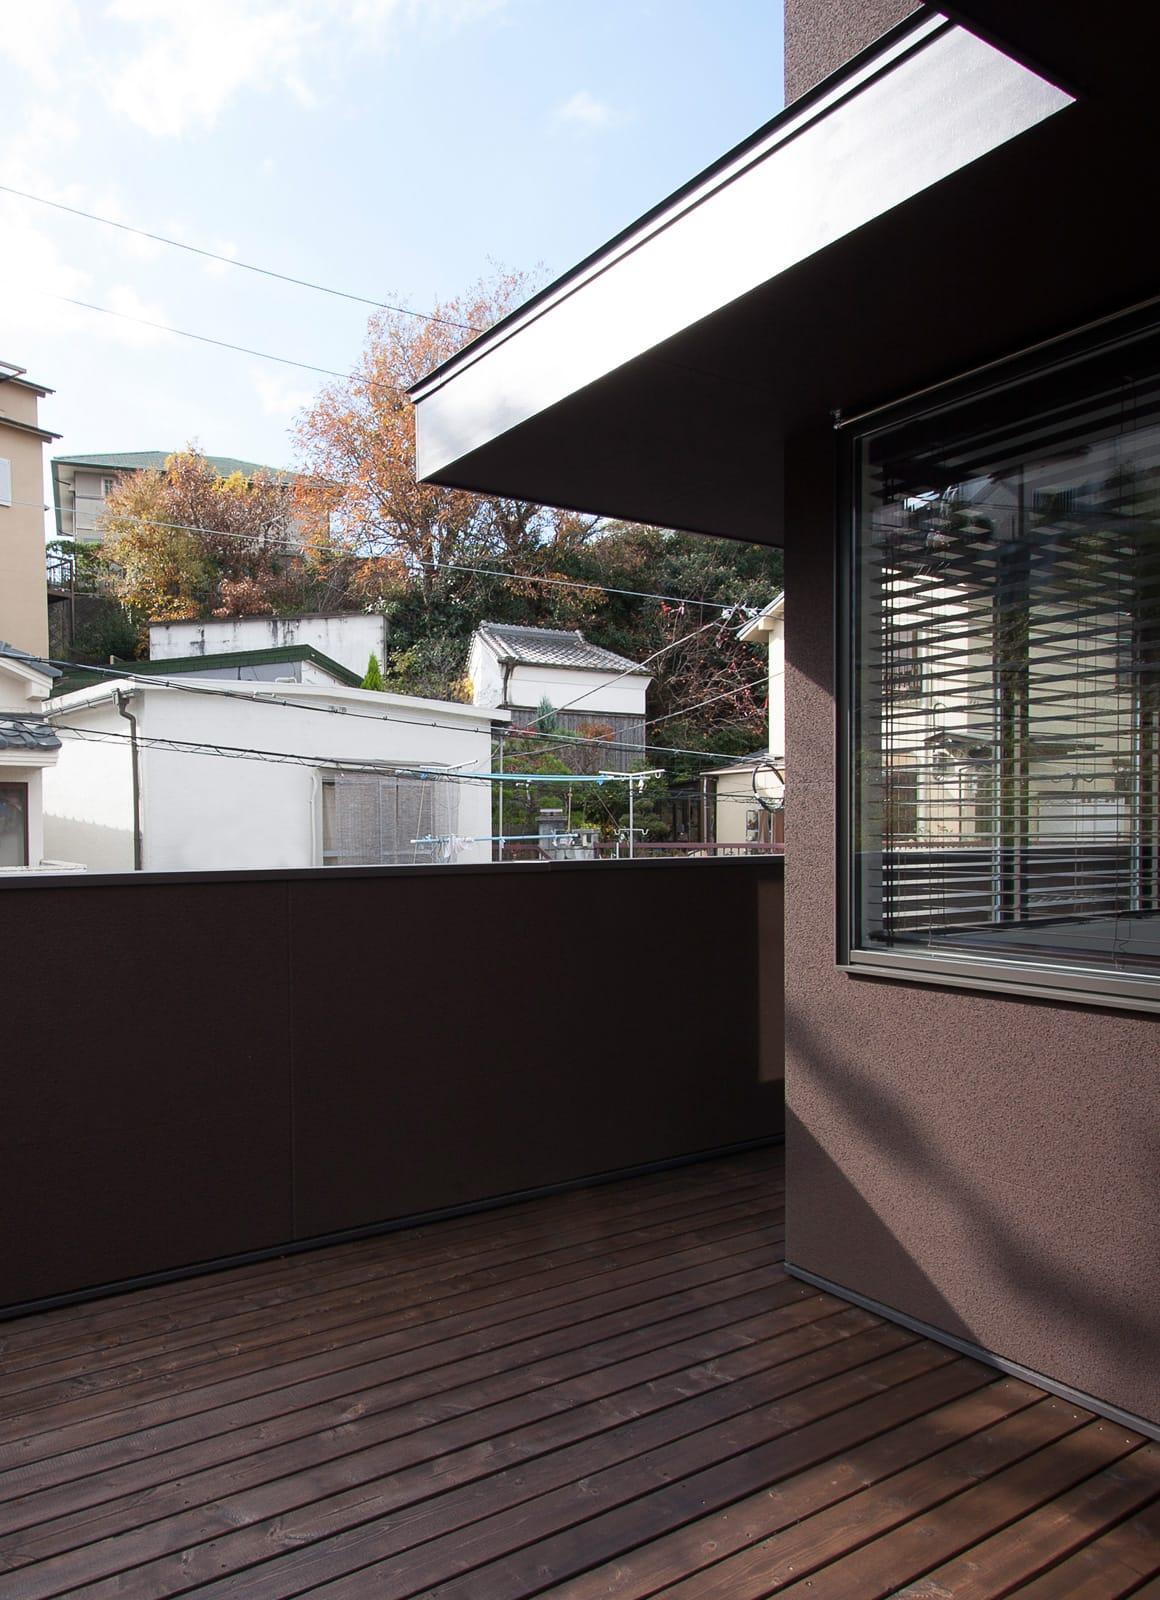 気配を感じる玄関土間のある家のテラス・バルコニー1